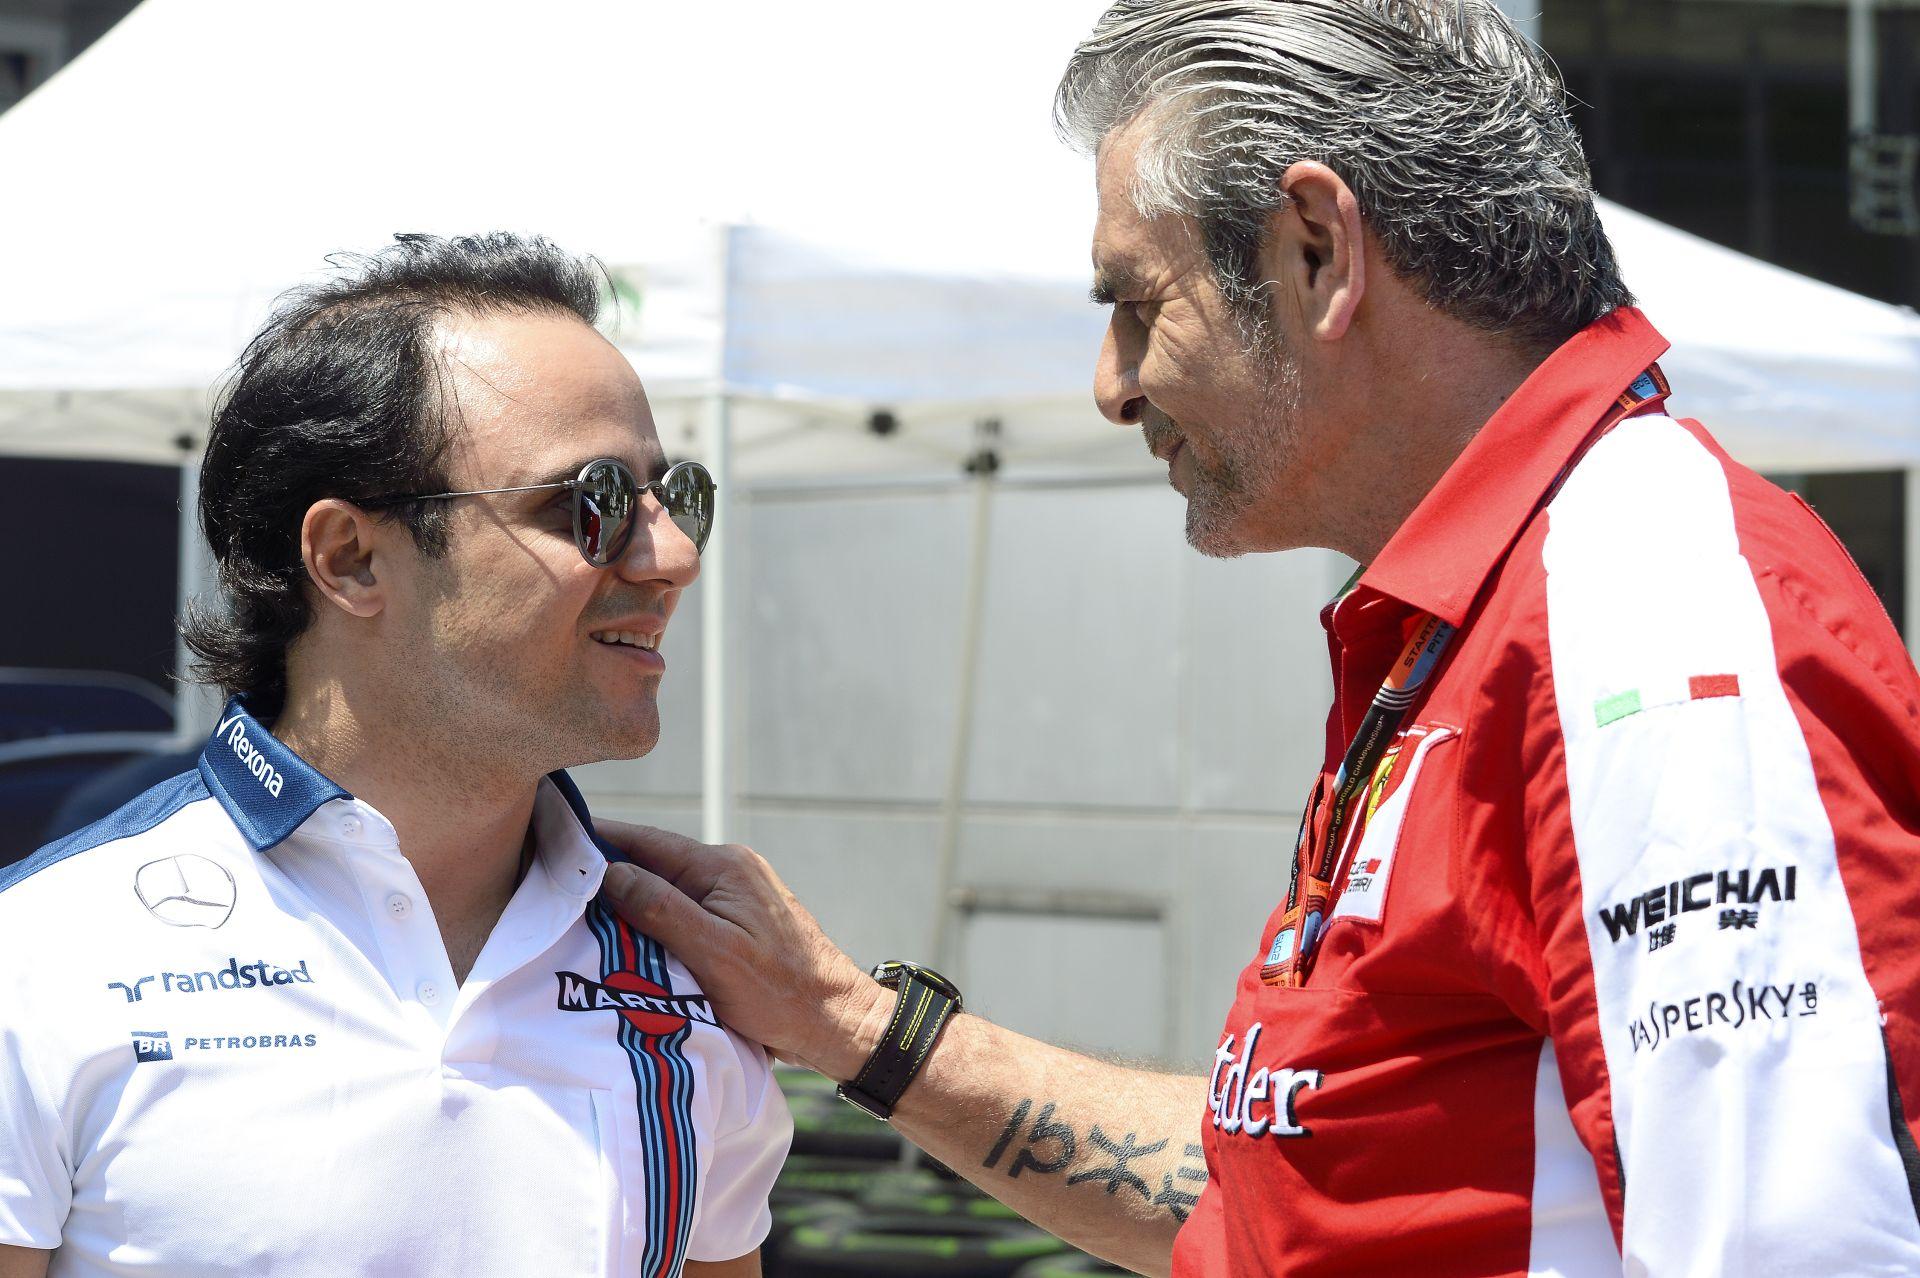 """Massa a """"ferraris incidensén"""" viccelődött a Red Bull Ringen"""